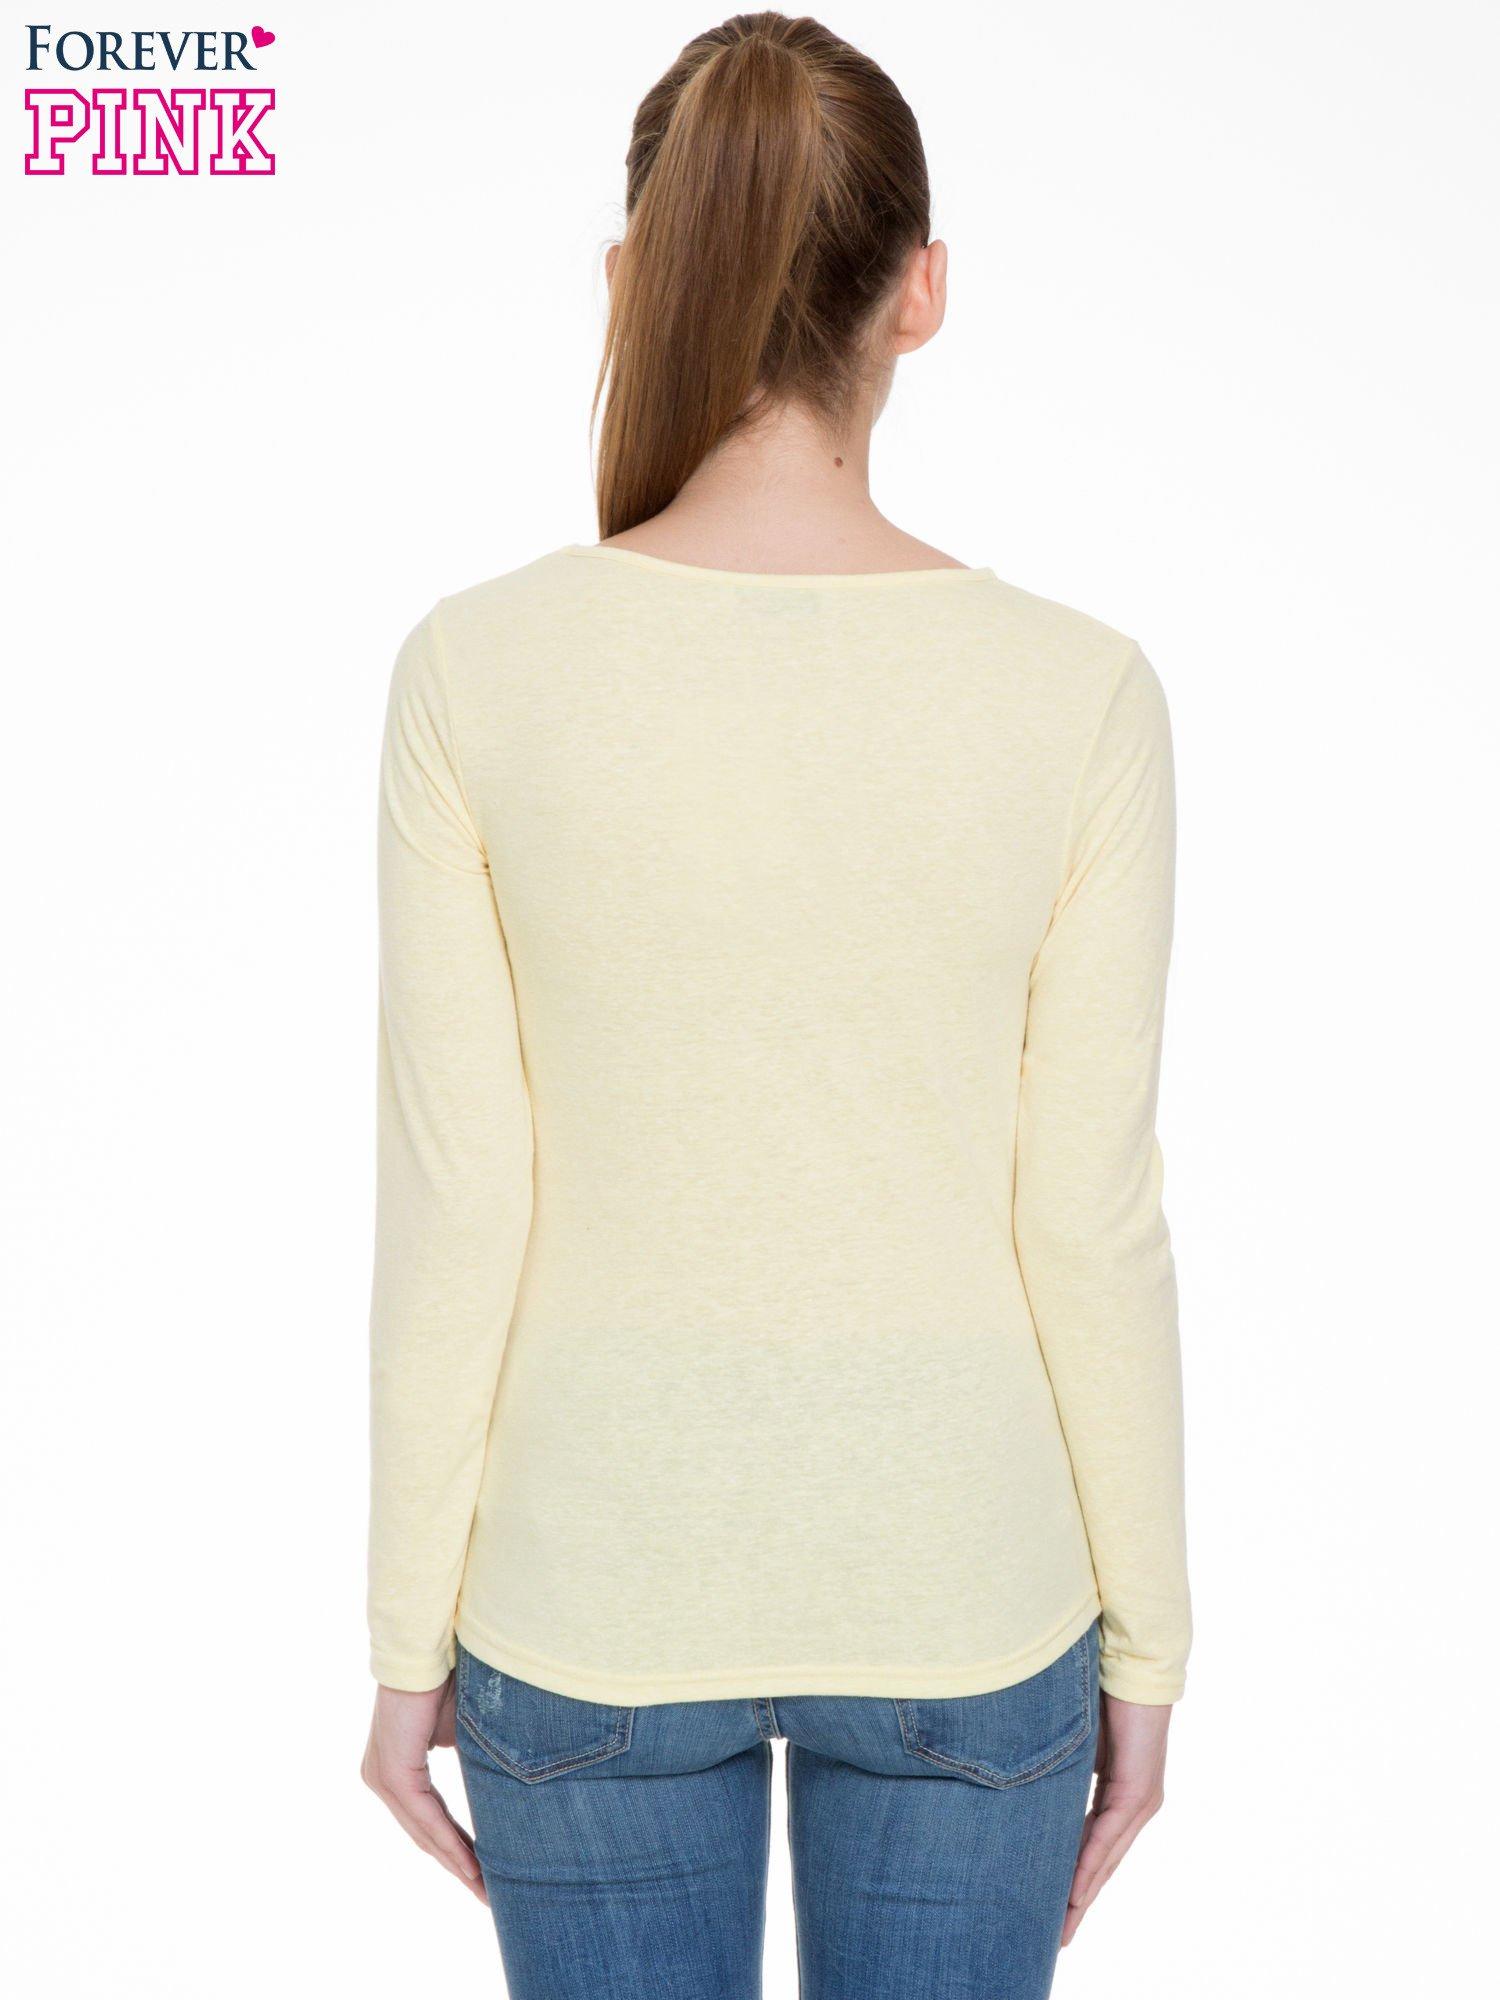 Żółta bluzka z długim rękawem z bawełny                                  zdj.                                  4